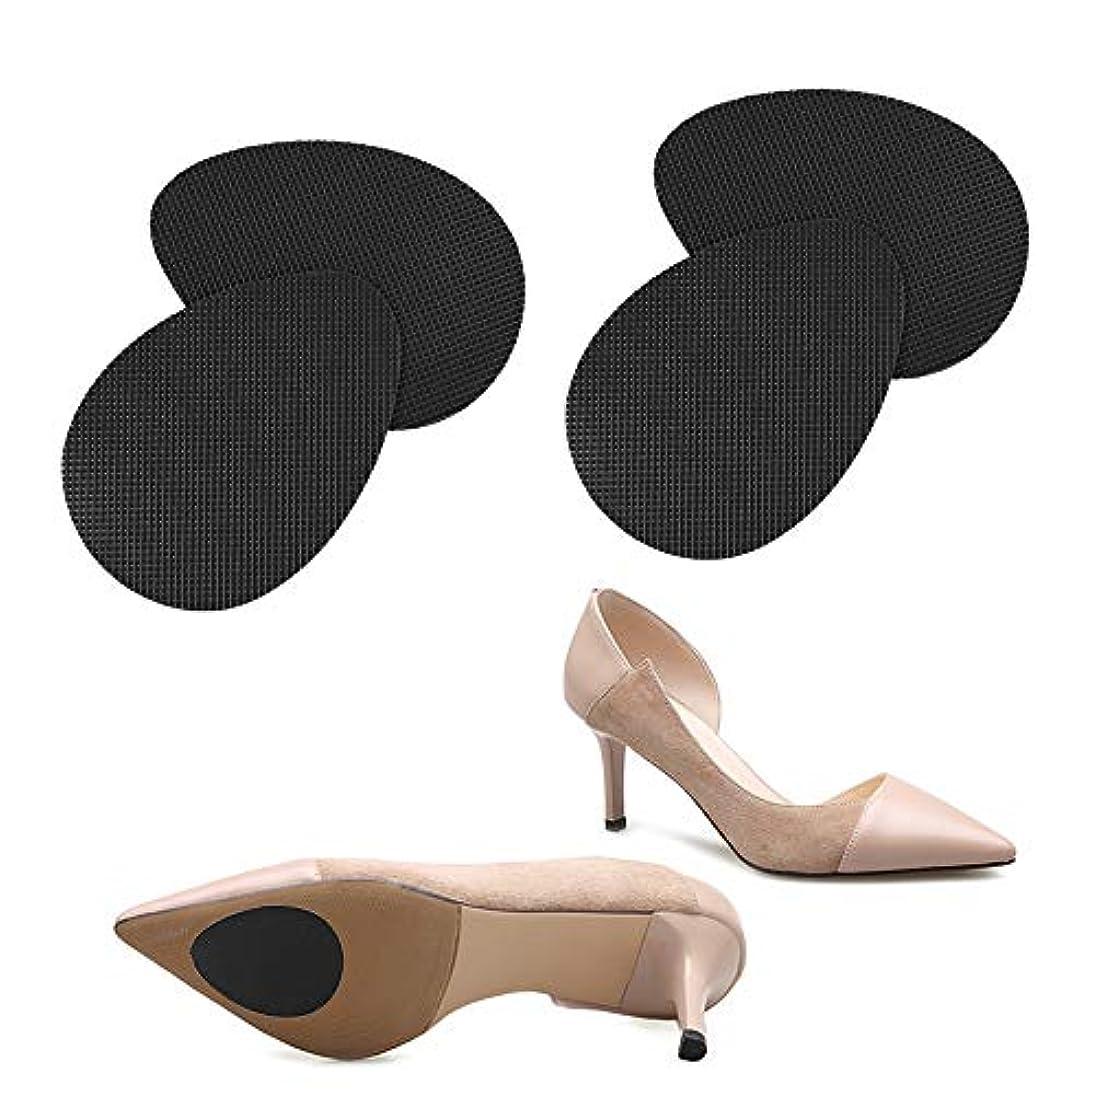 然としたもっと古くなった靴 滑り止め ステッカー,LINECY 【スリップガード】靴保護 シート つま先&かかと 靴底補修 滑り止め (2足4枚いり)